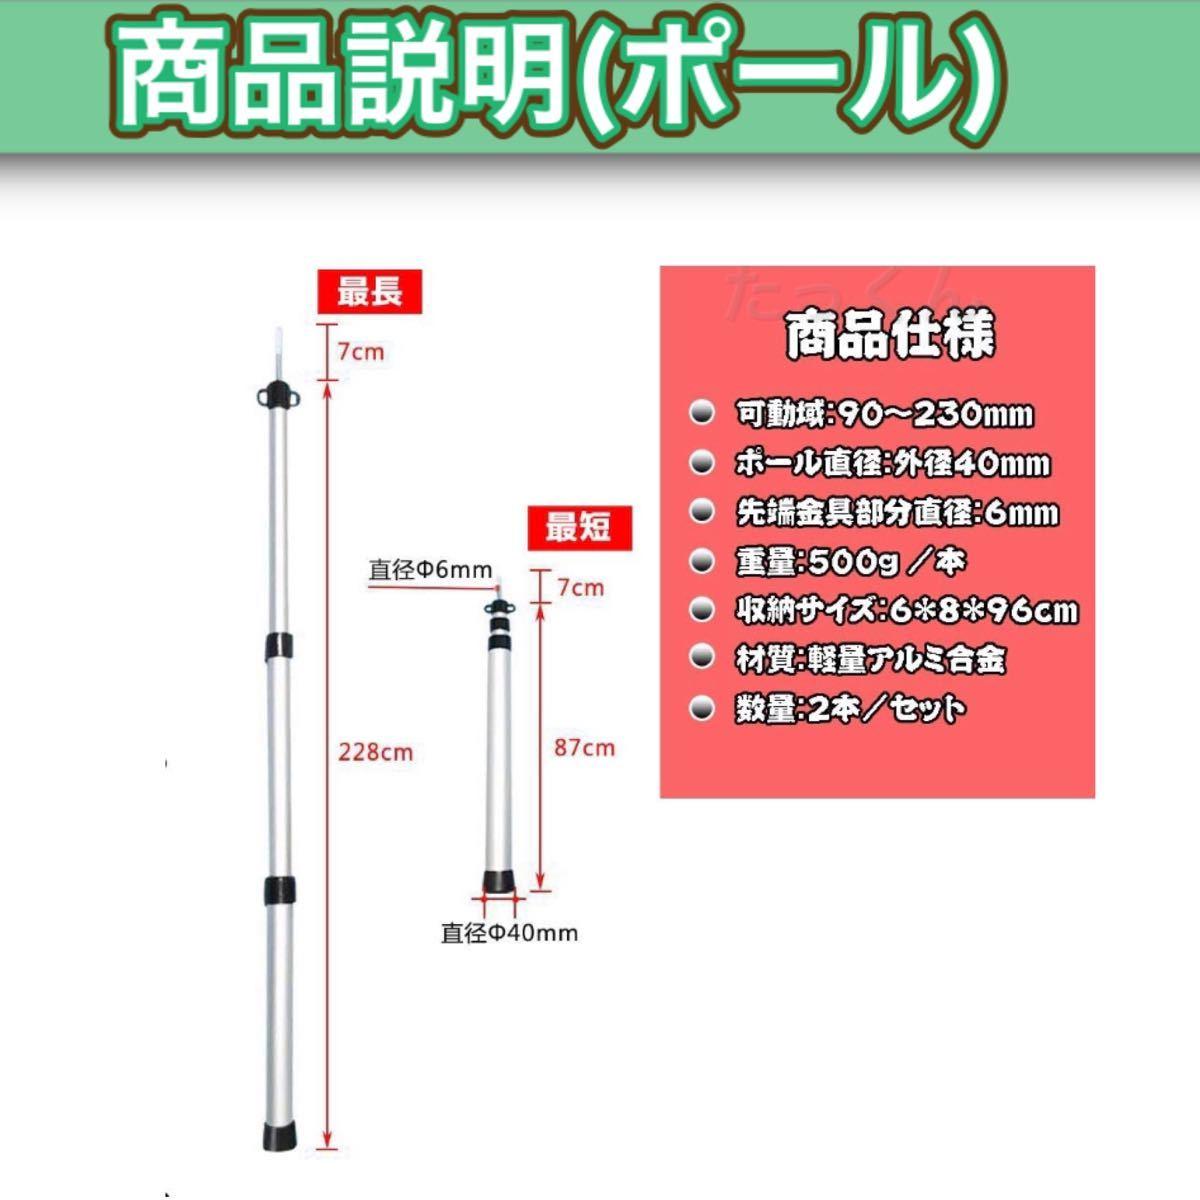 タープポール テントポール 2本セット コンパクト アルミニウム アウトドア